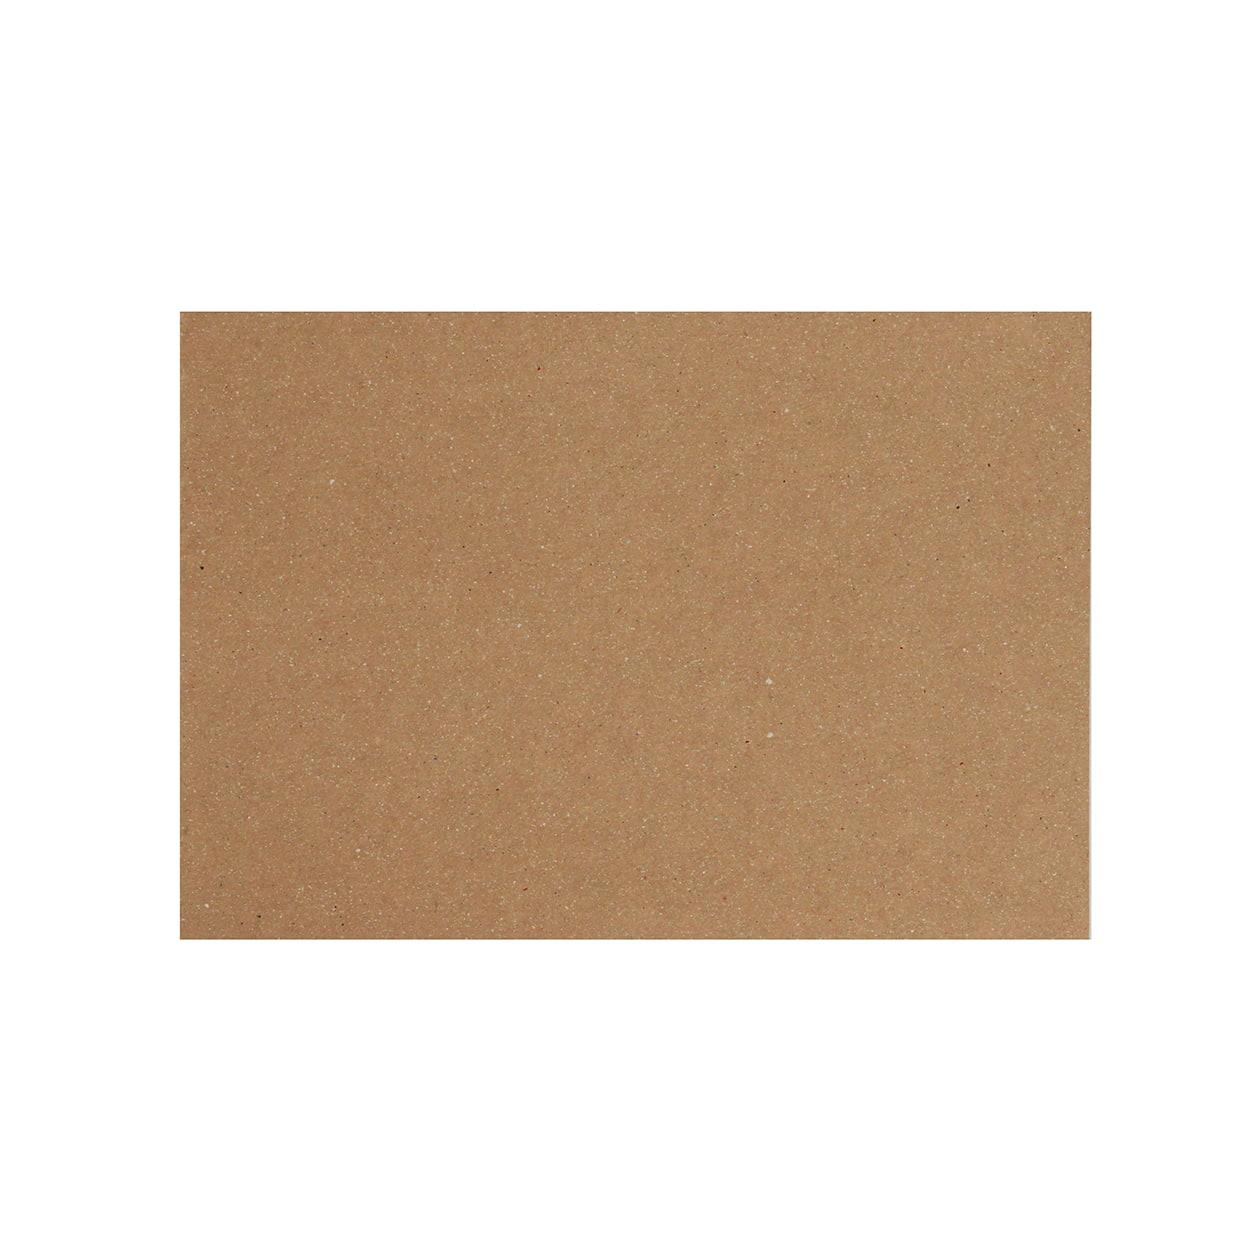 見本 00027 Pカード ボード紙 チョコレート 450g